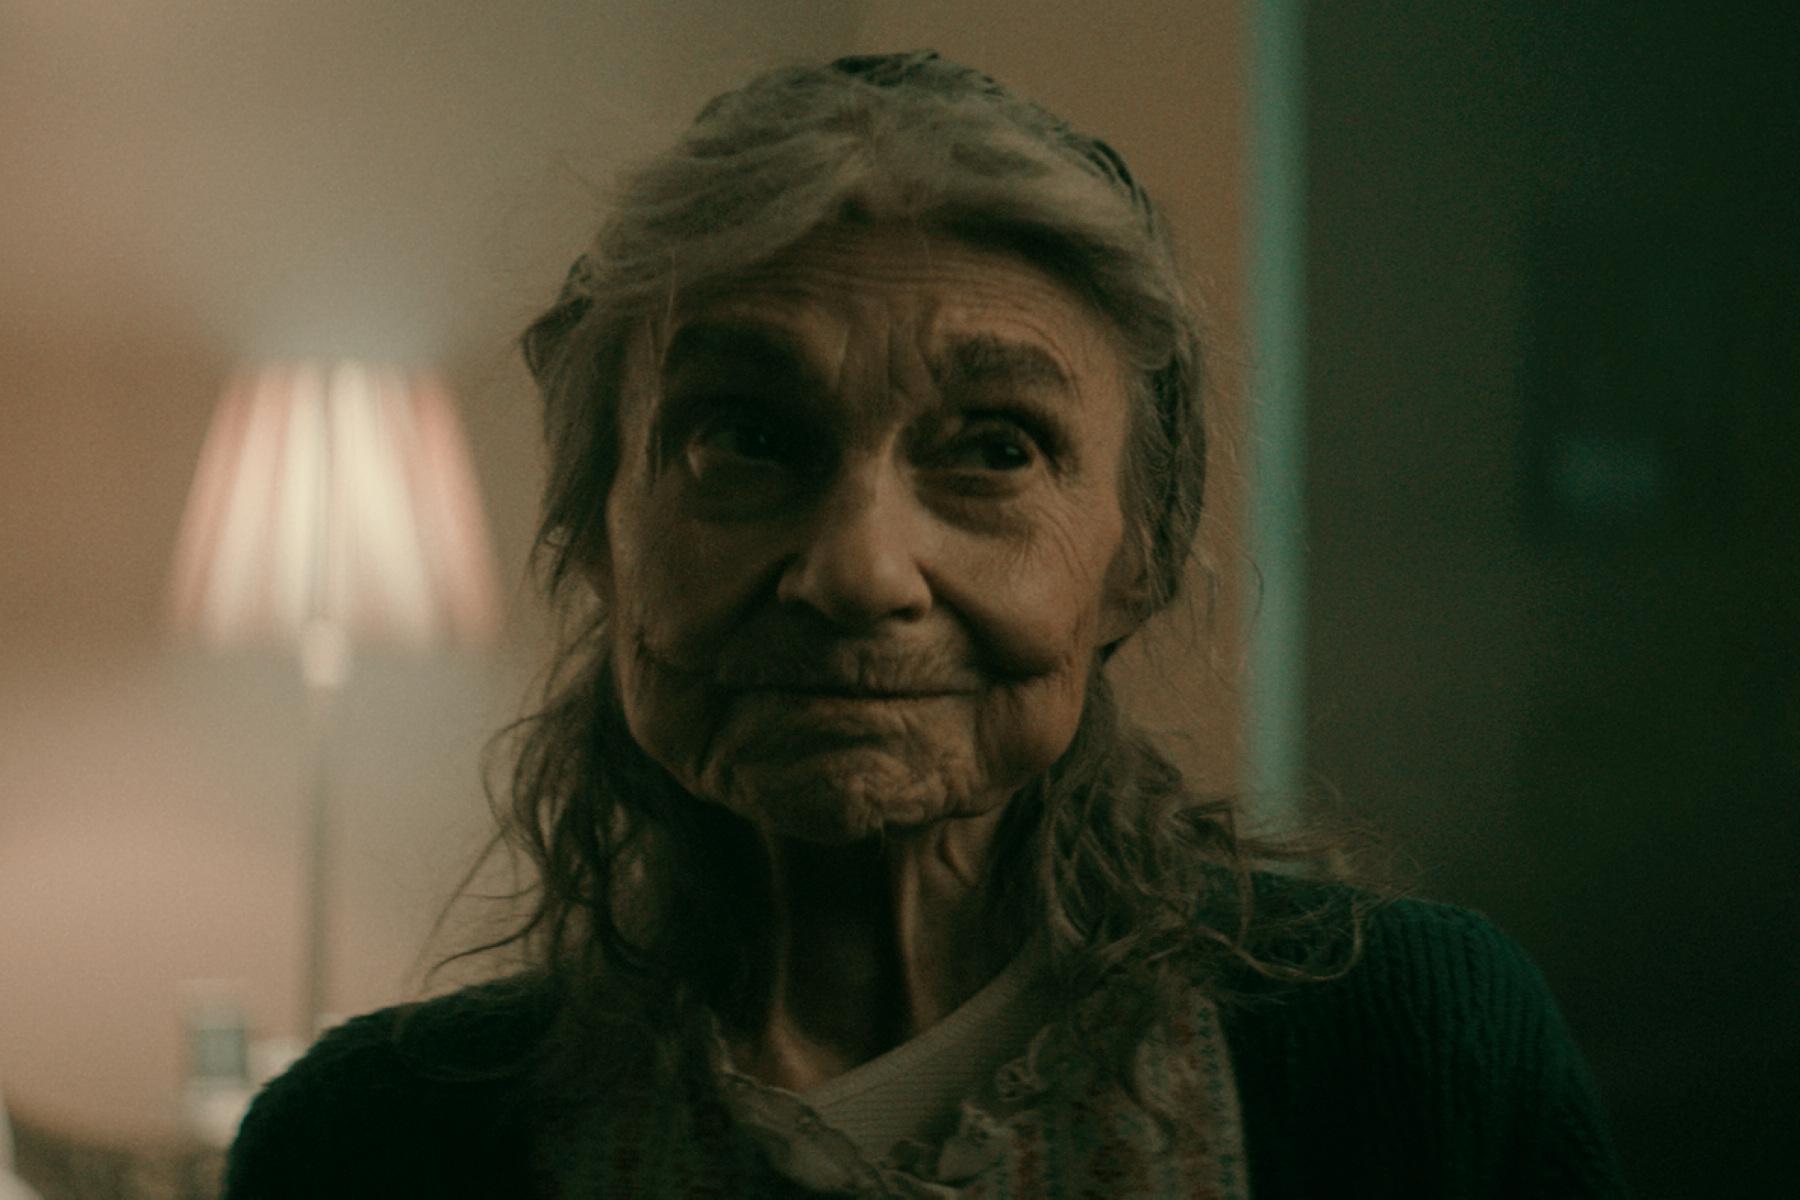 林恩科恩拍完本片不久後離世,讓本片成為她最後一部拍攝作品